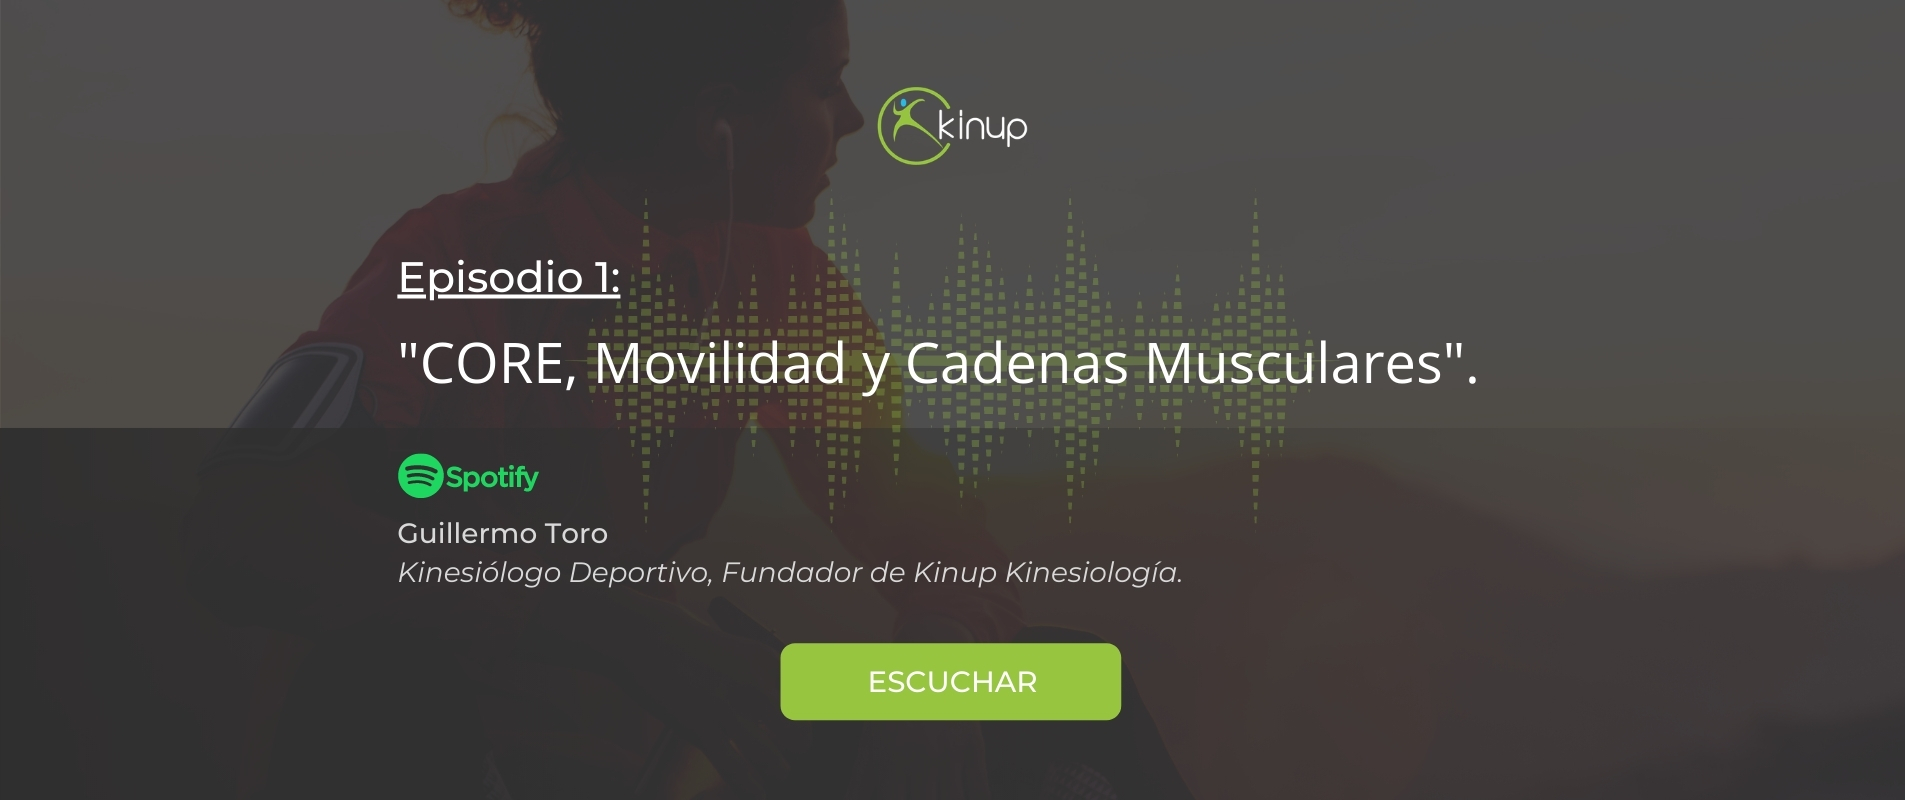 Podcast - Core, Movilidad y Cadenas Musculares